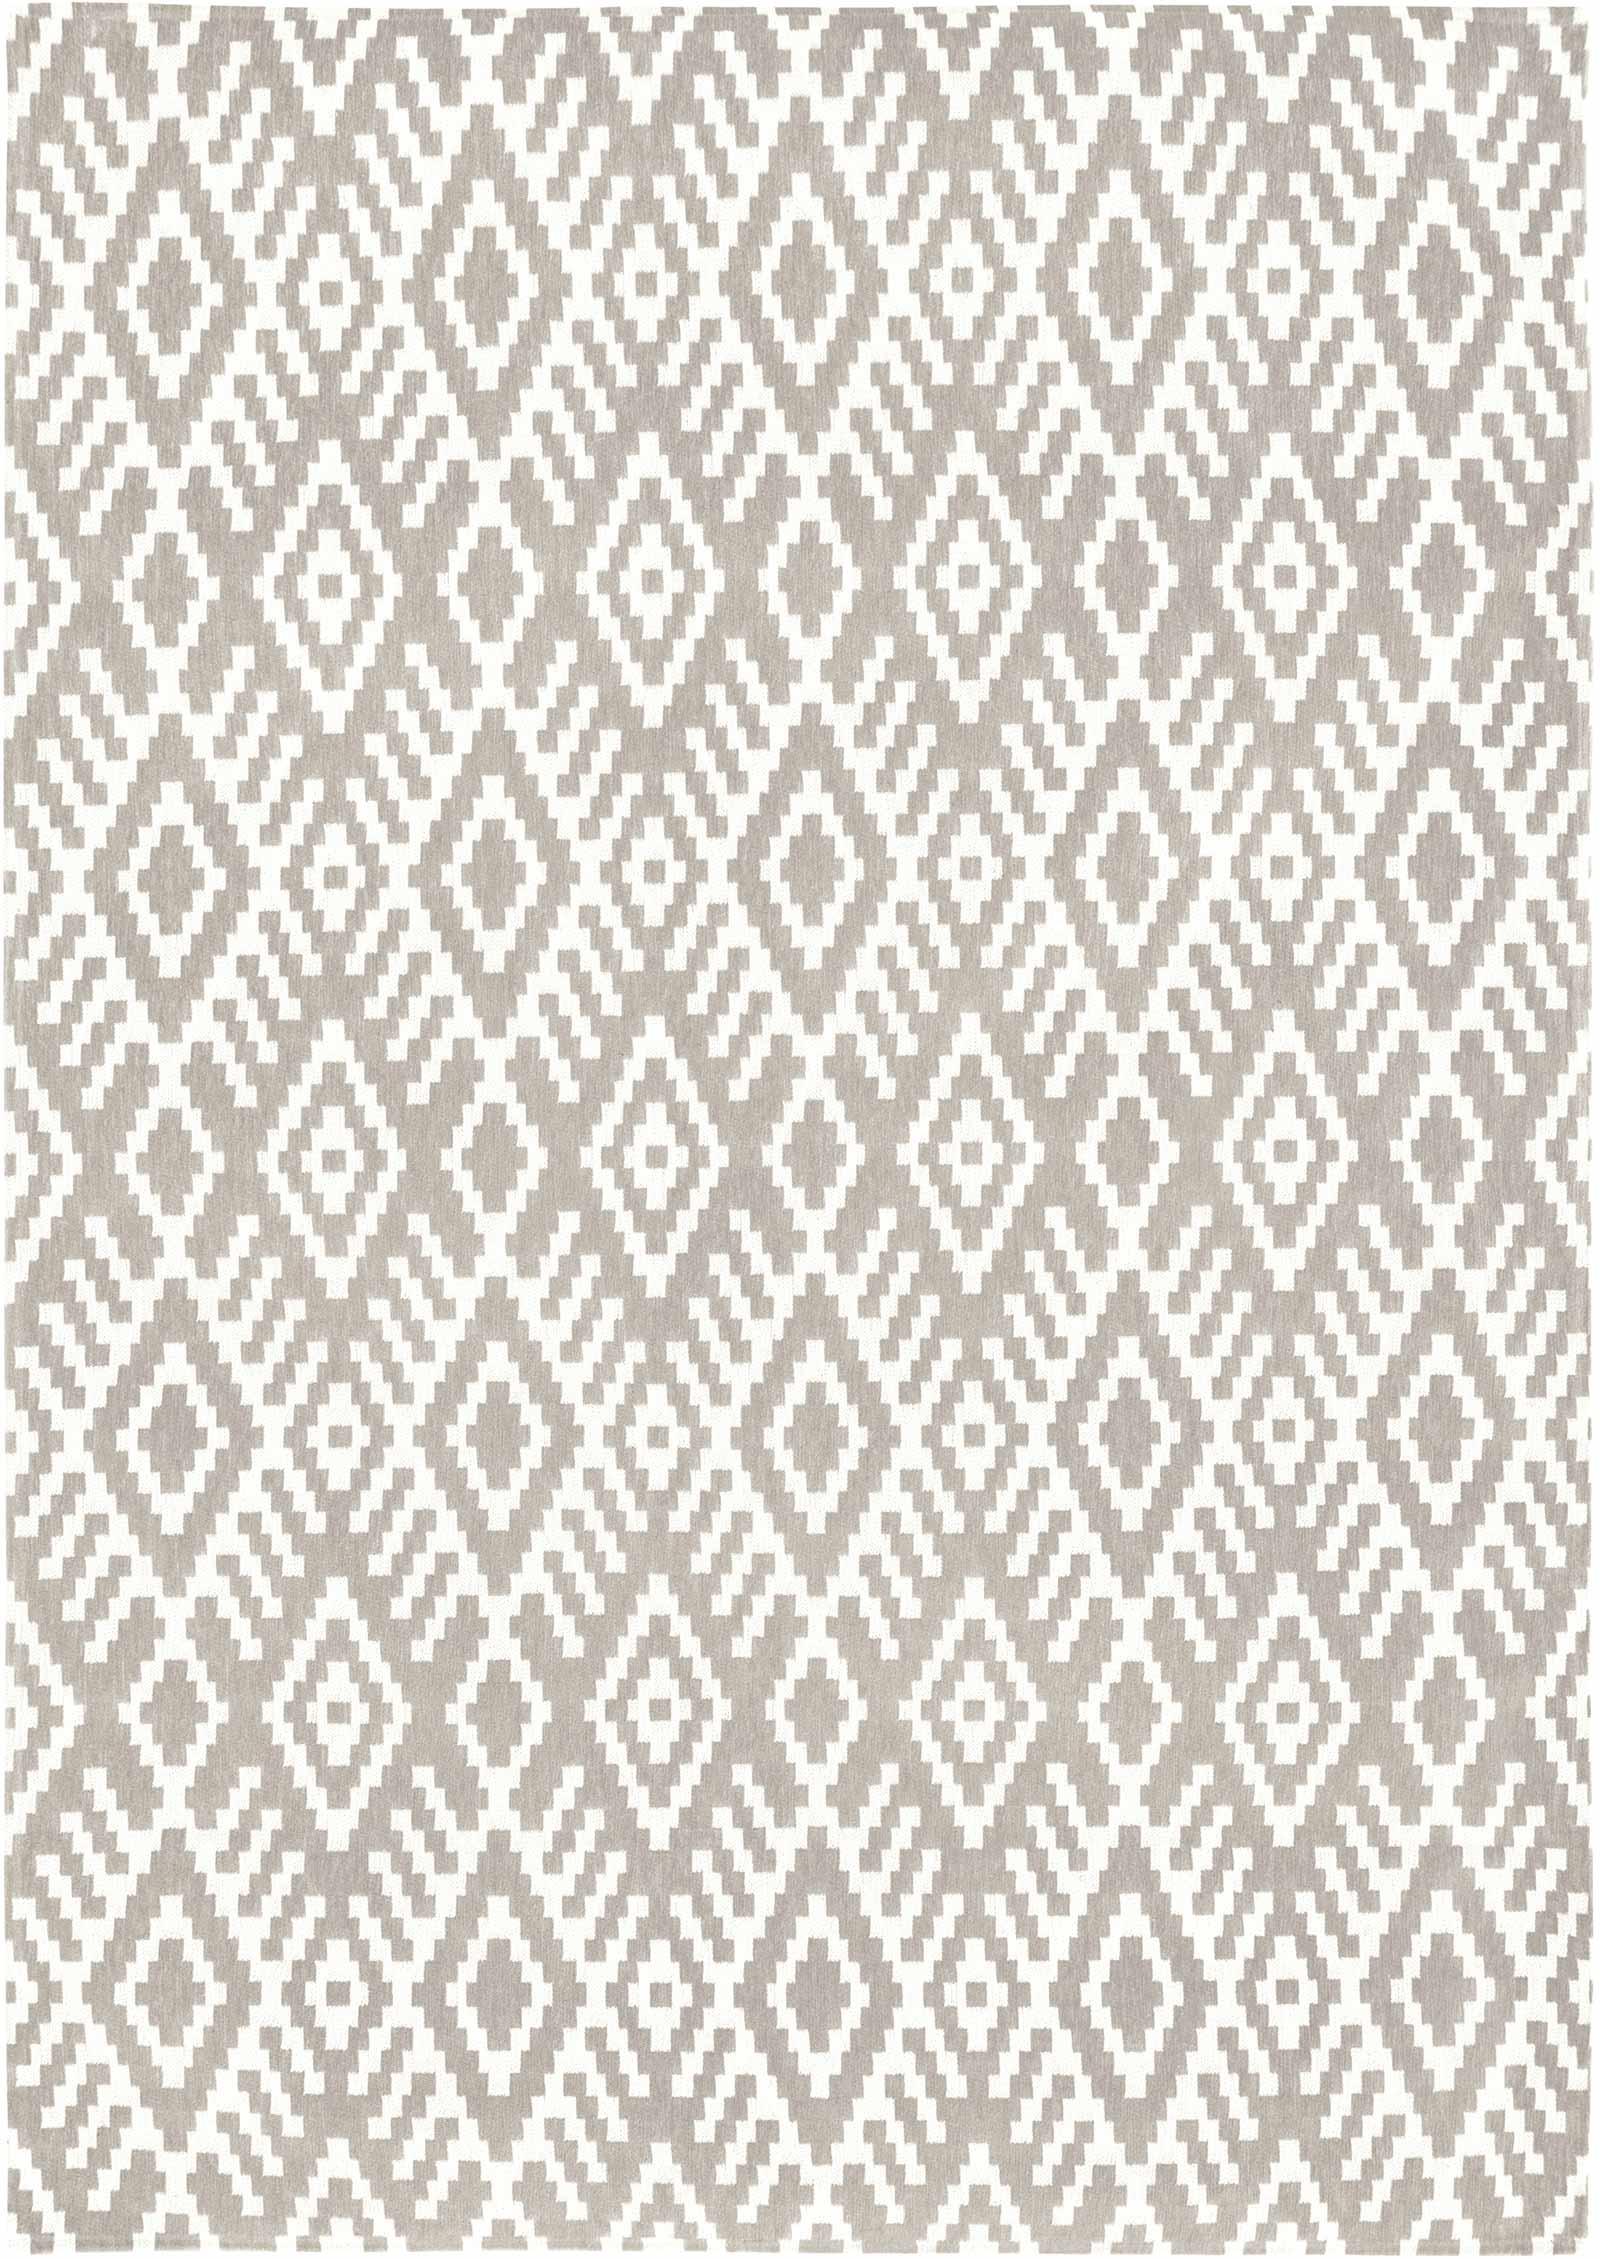 Romo by louis de poortere tapis nahli cobblestone design rg8745 for Moquette louis depoortere